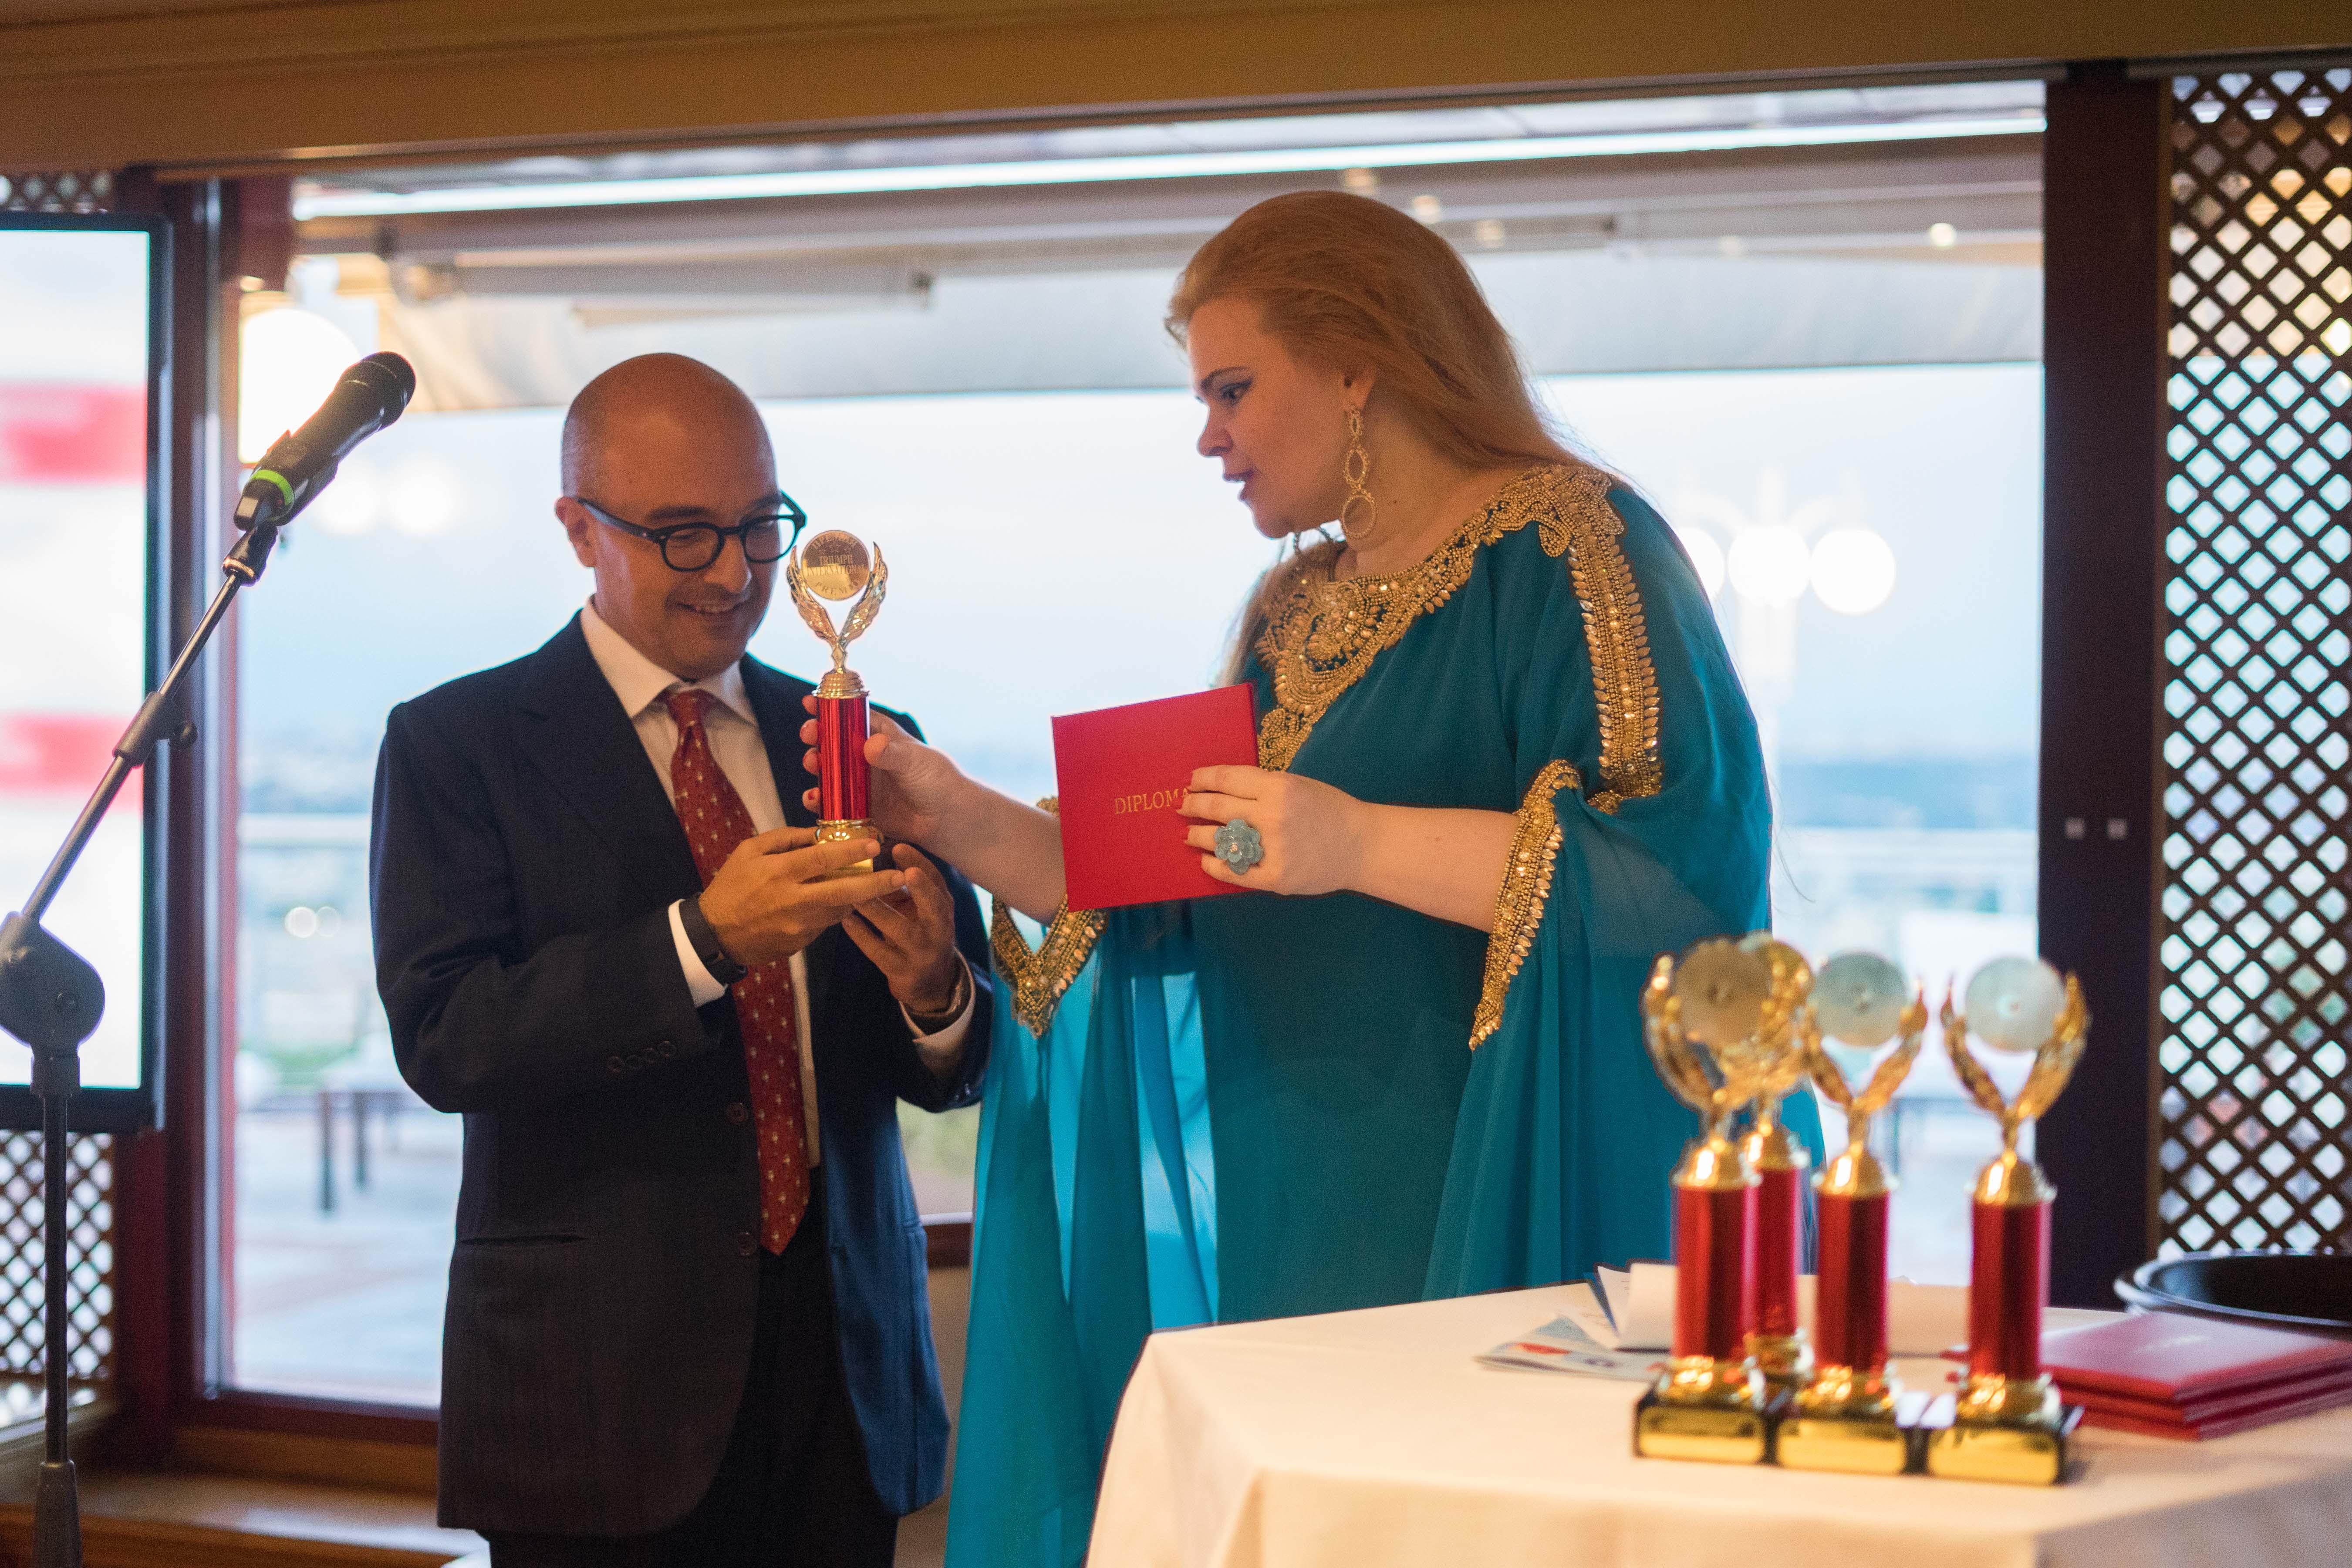 La consegna del premio al vicedirettore del Tg1 Gennaro Sangiuliano\n